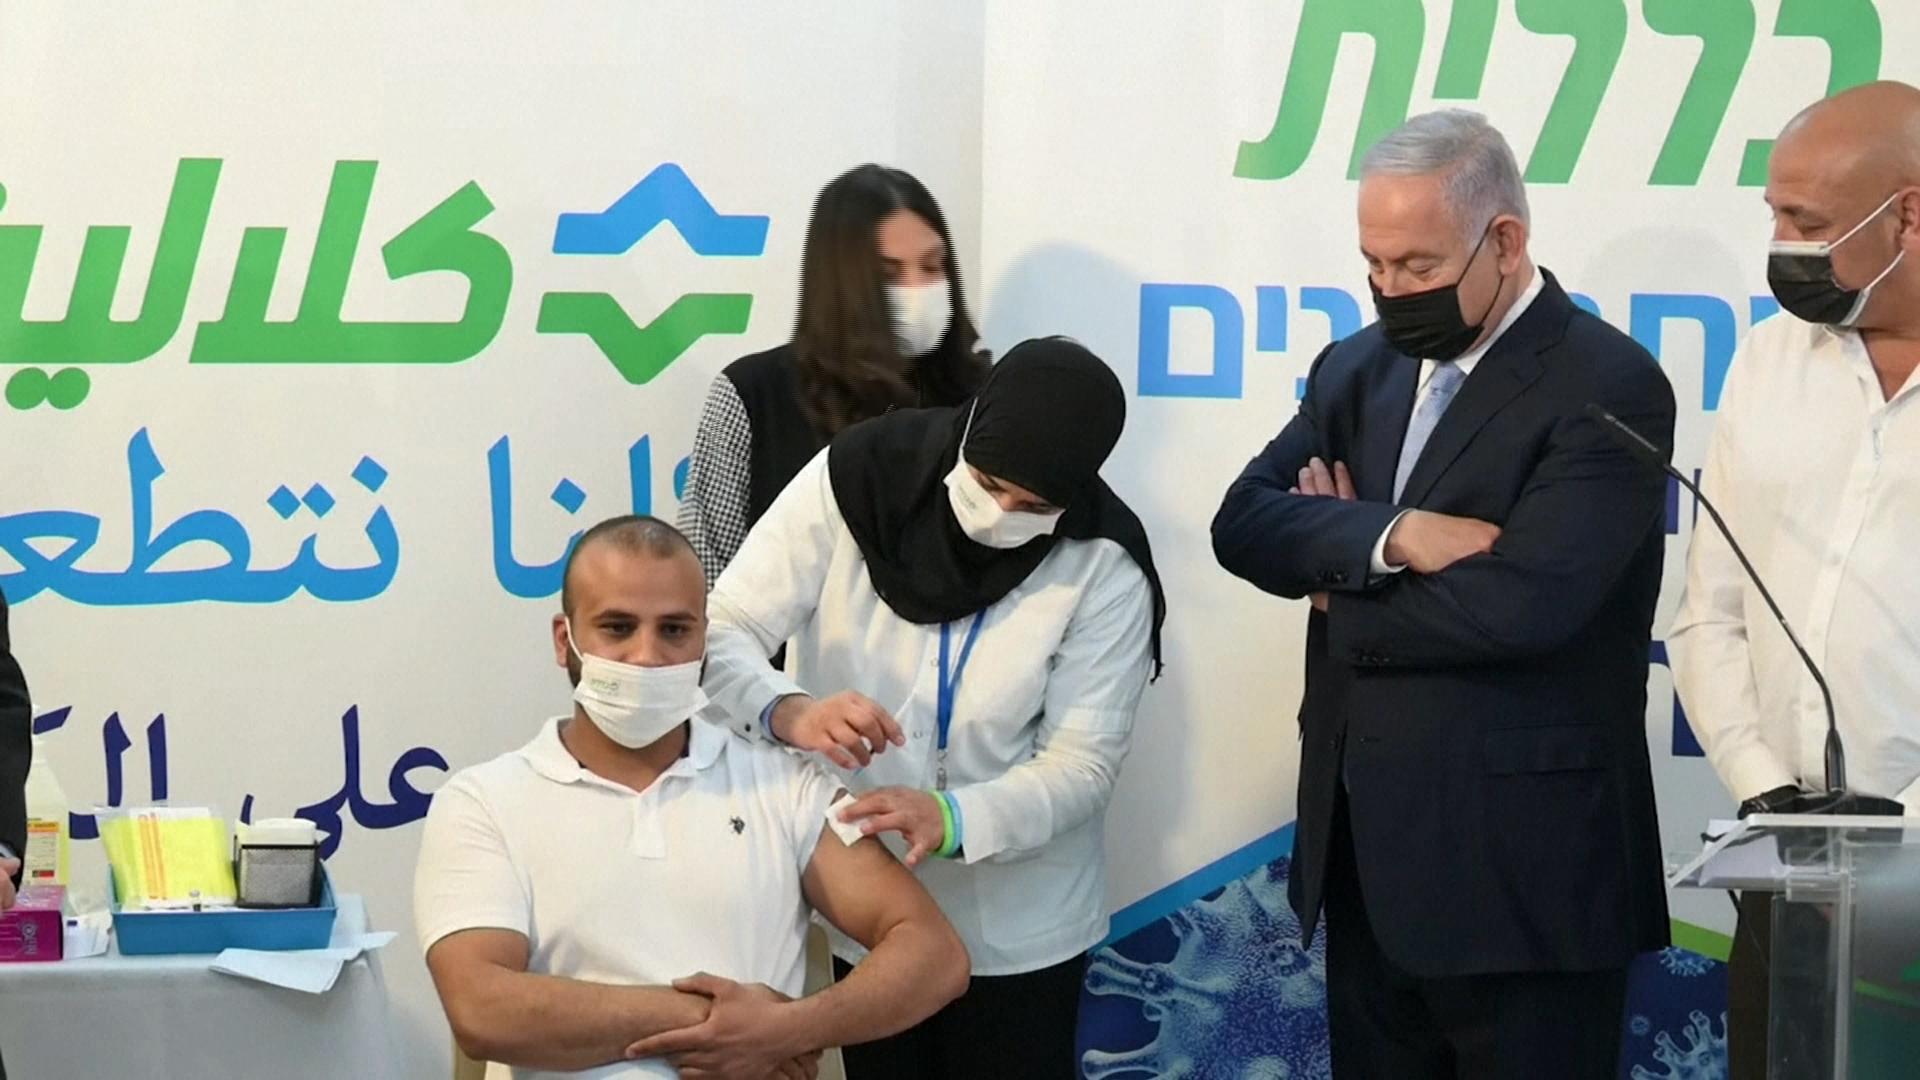 以色列60萬人接種 輝瑞疫苗有效率逾九成